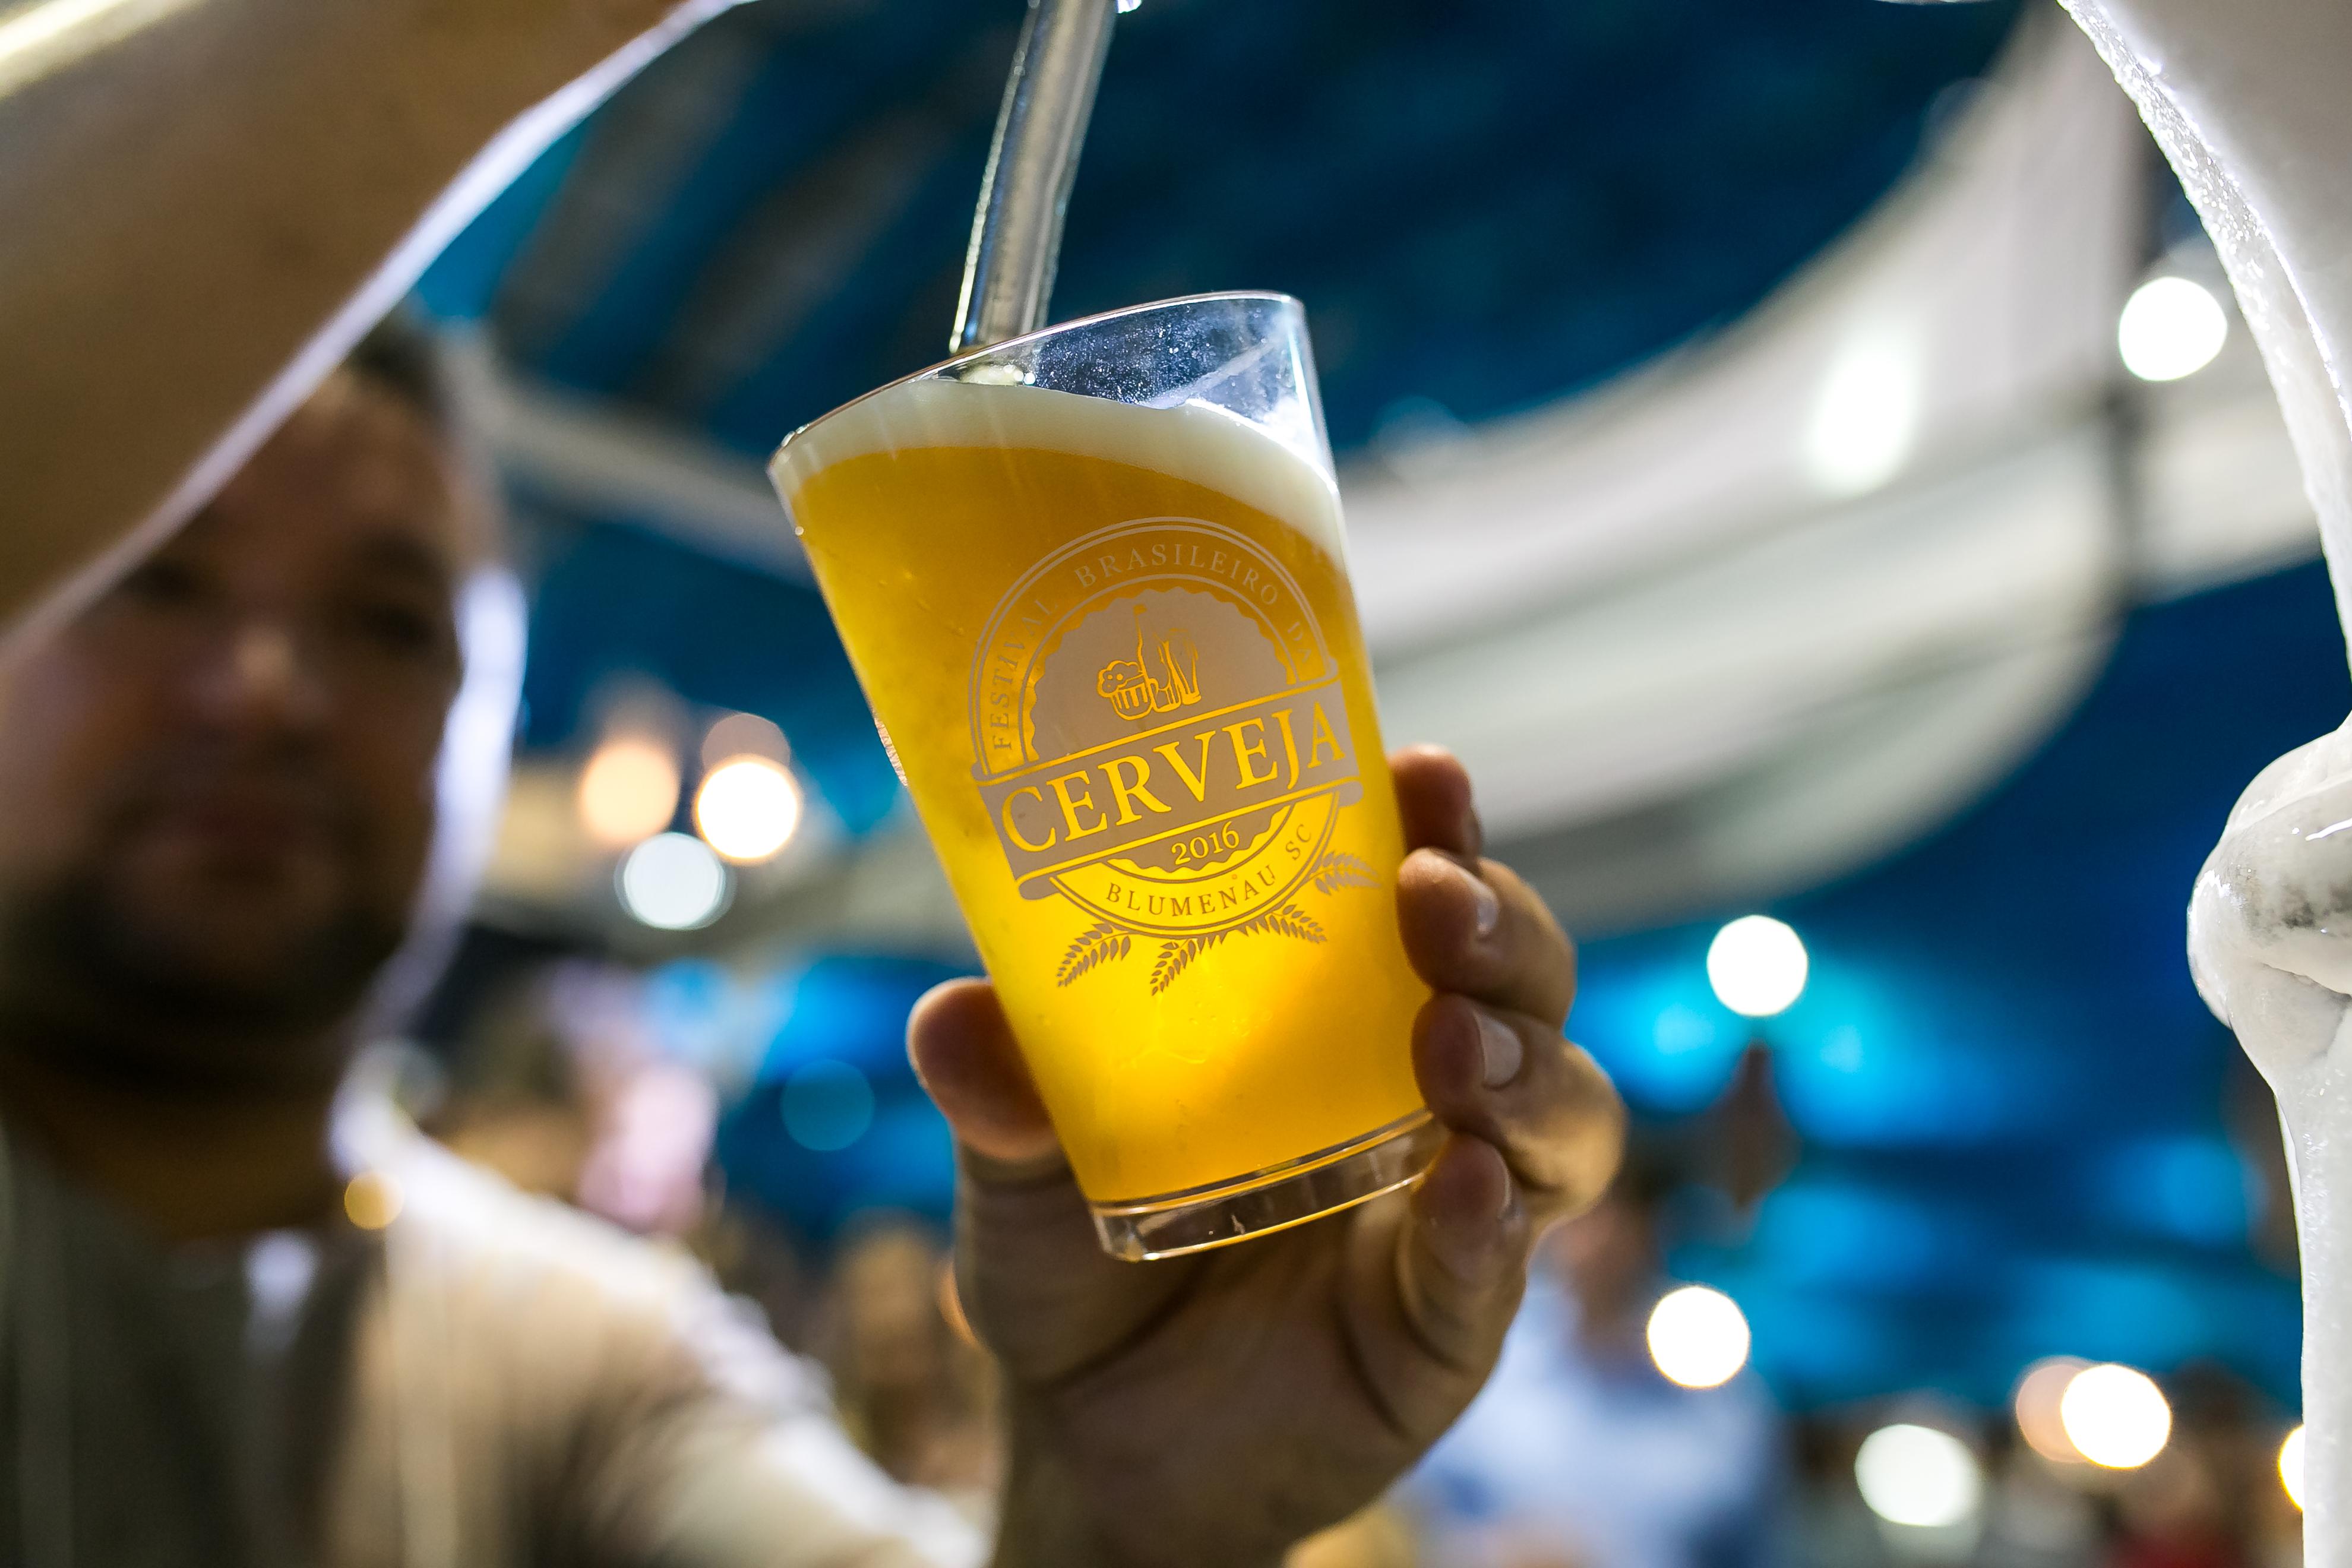 Acasc: a cerveja artesanal na pauta dos principais veículos do estado